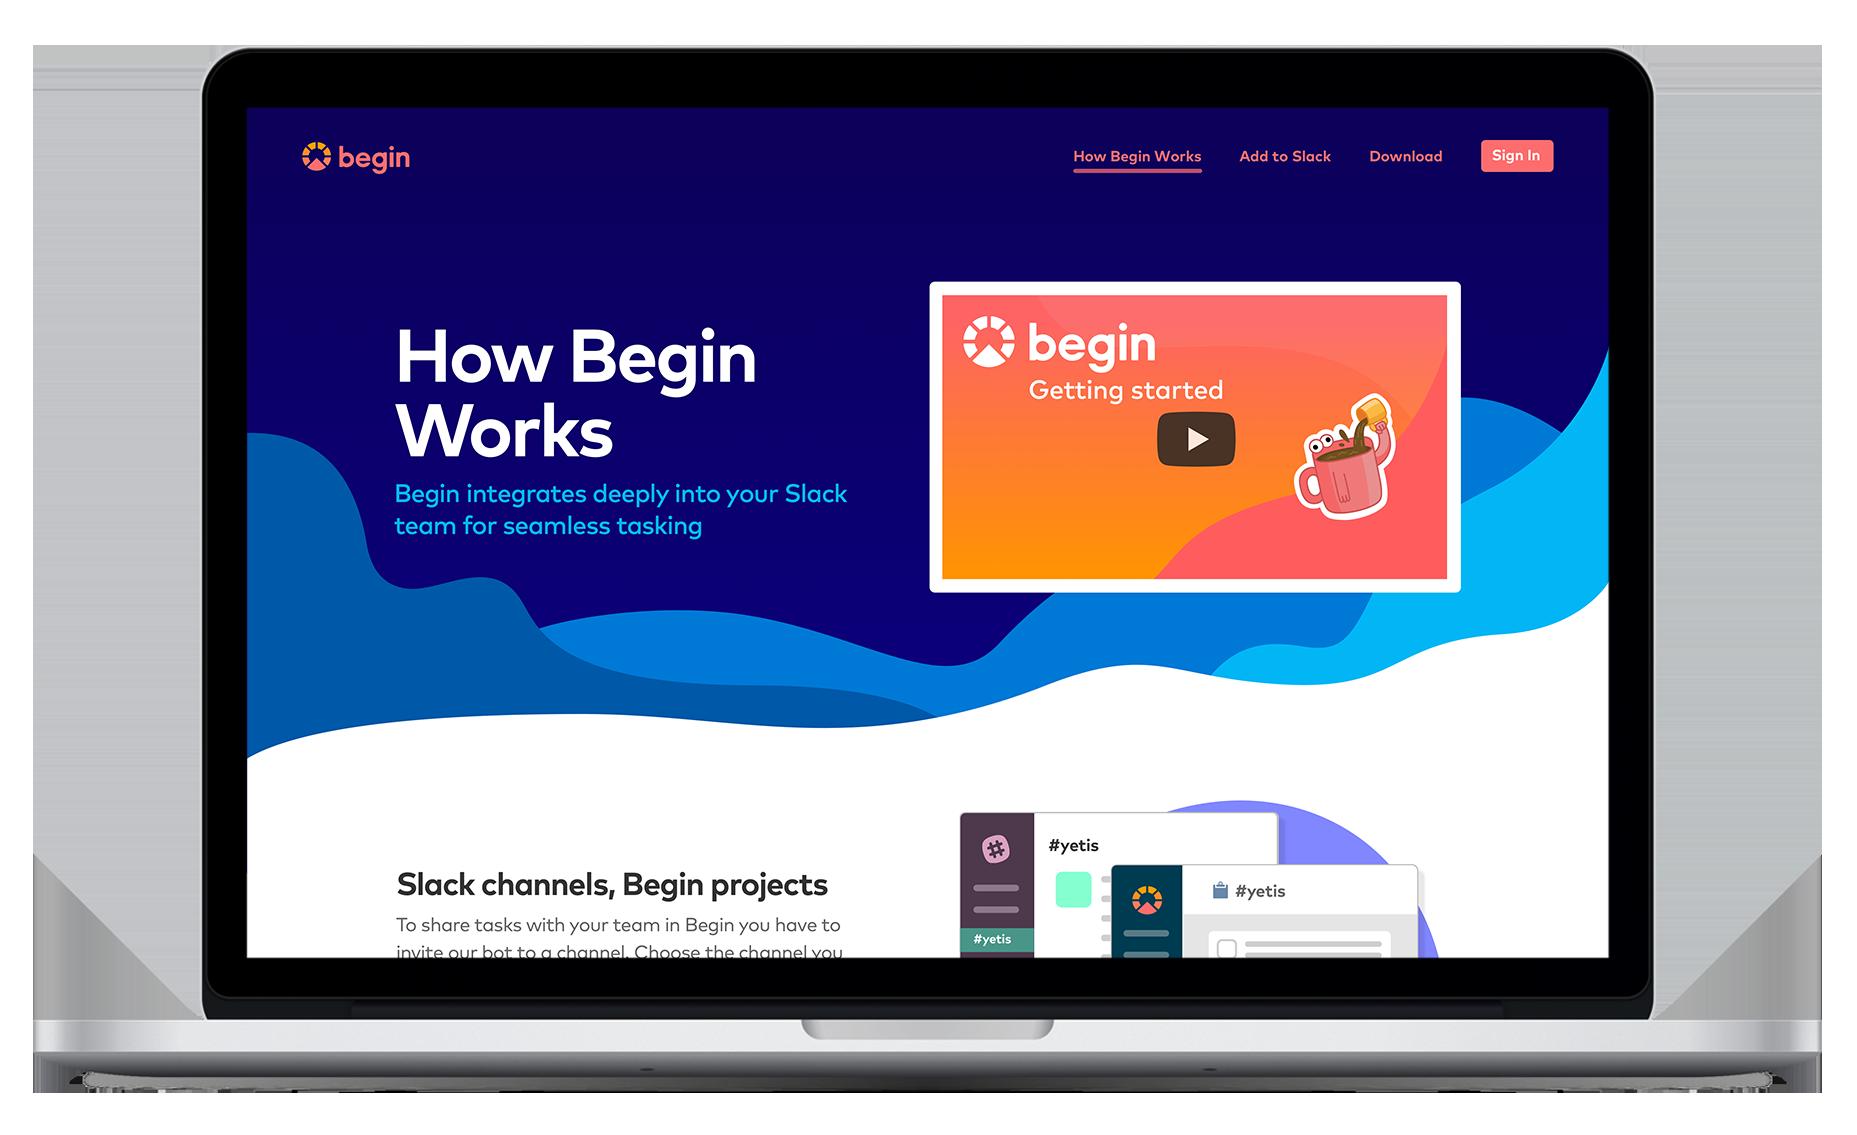 begin-marketing-howitworks